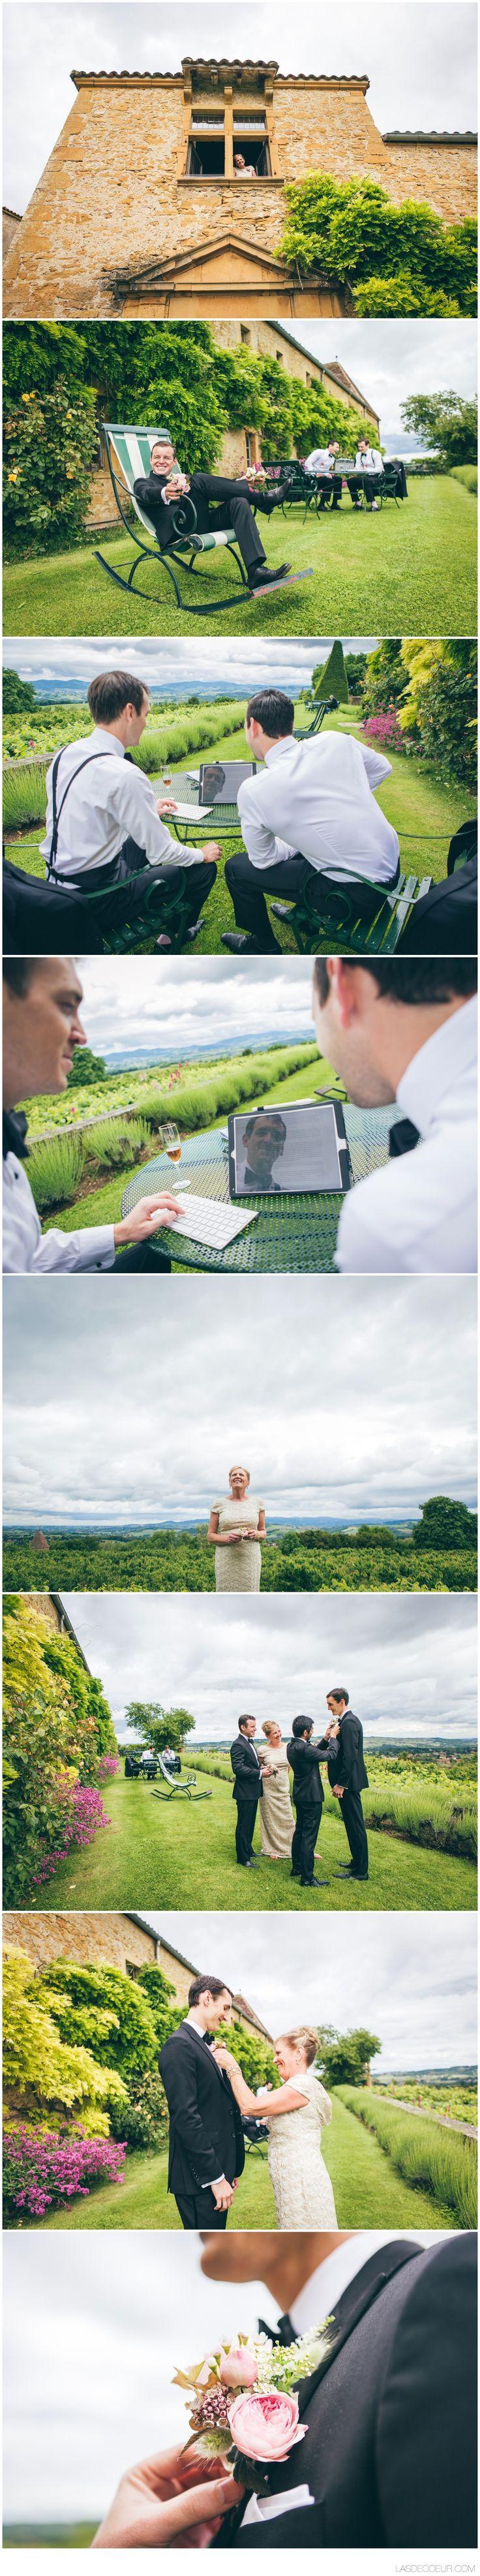 Photographe vidéaste mariage Lyon - Chateau de Bagnols ©www.lasdecoeur.com - Photo + Cinéma Photo mariage Chateau de Bagnols ©www.lasdecoeur.com - Photo + Cinéma Photo mariage Chateau de Santenay France ©www.lasdecoeur.com - Photo + Cinéma #love #wedding #weddingphotographer #photodecouple #photgraphemariage #lasdecoeurphoto #lovephotography #weddingprep #preparatifmariage #weddingphotography #chateaudeBagnols #Beaujolais